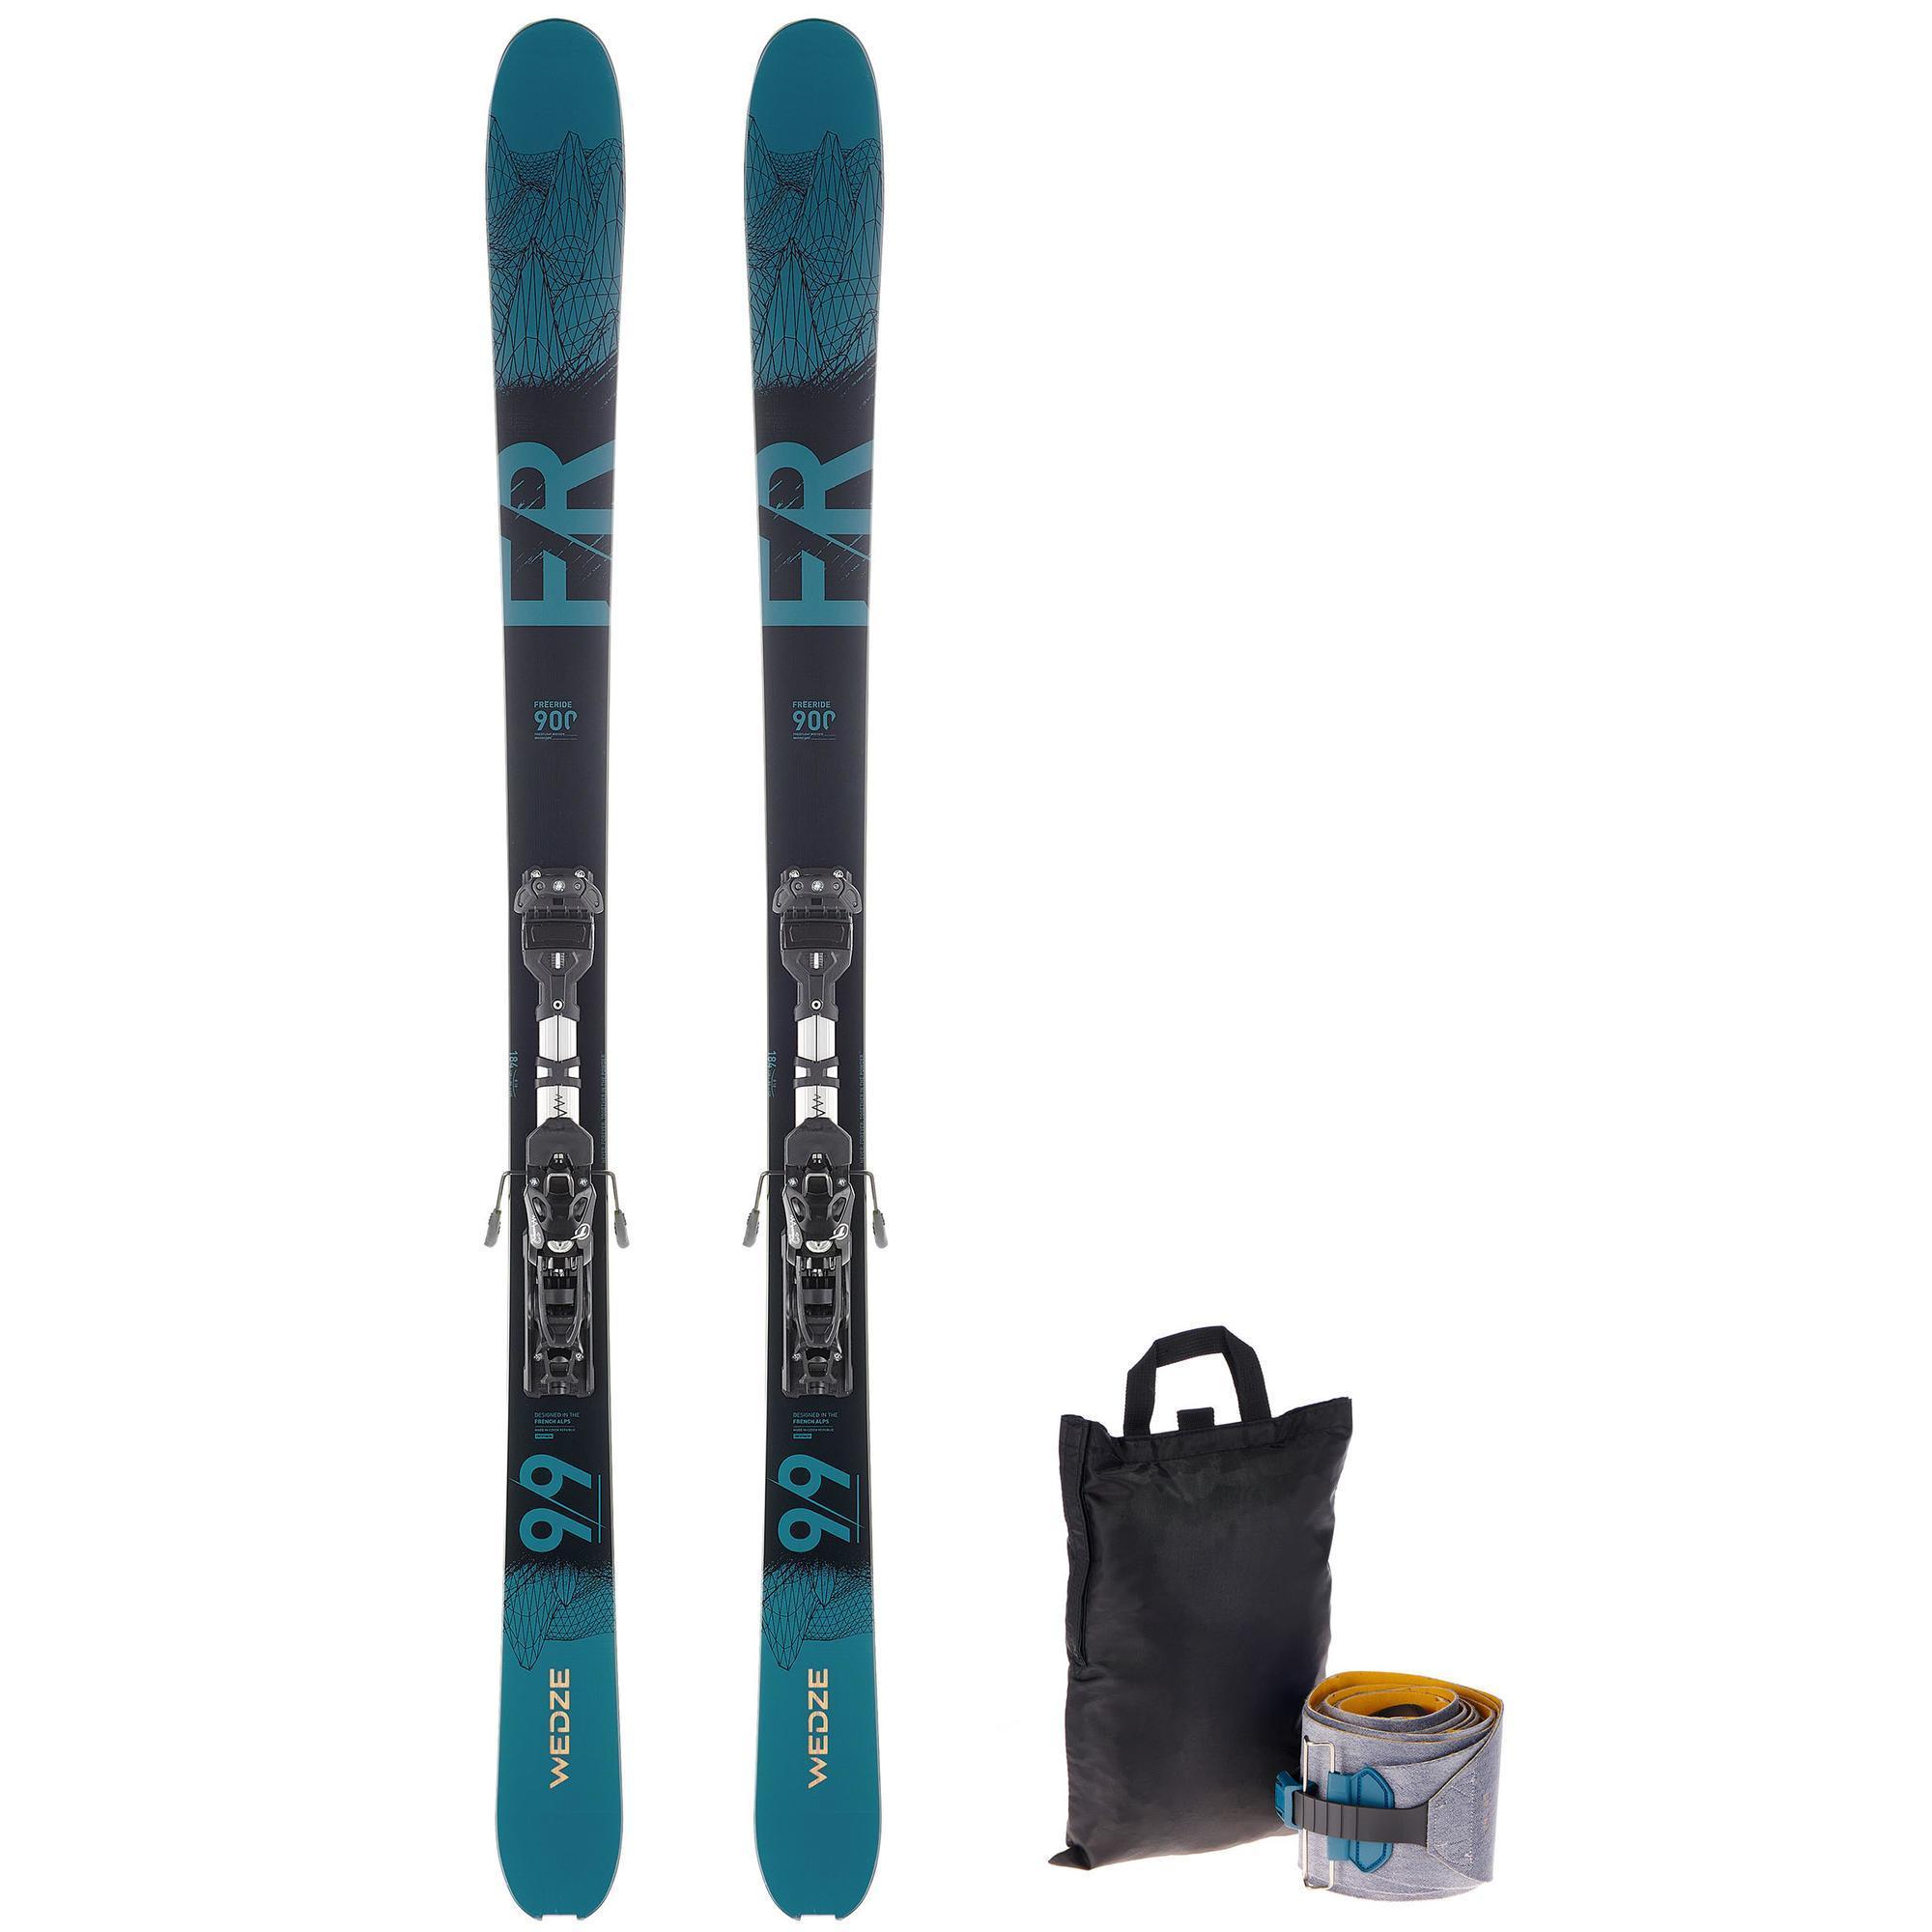 Wedze pack ski freeride randonnee fr 900 petrole noir fixations peaux wedze